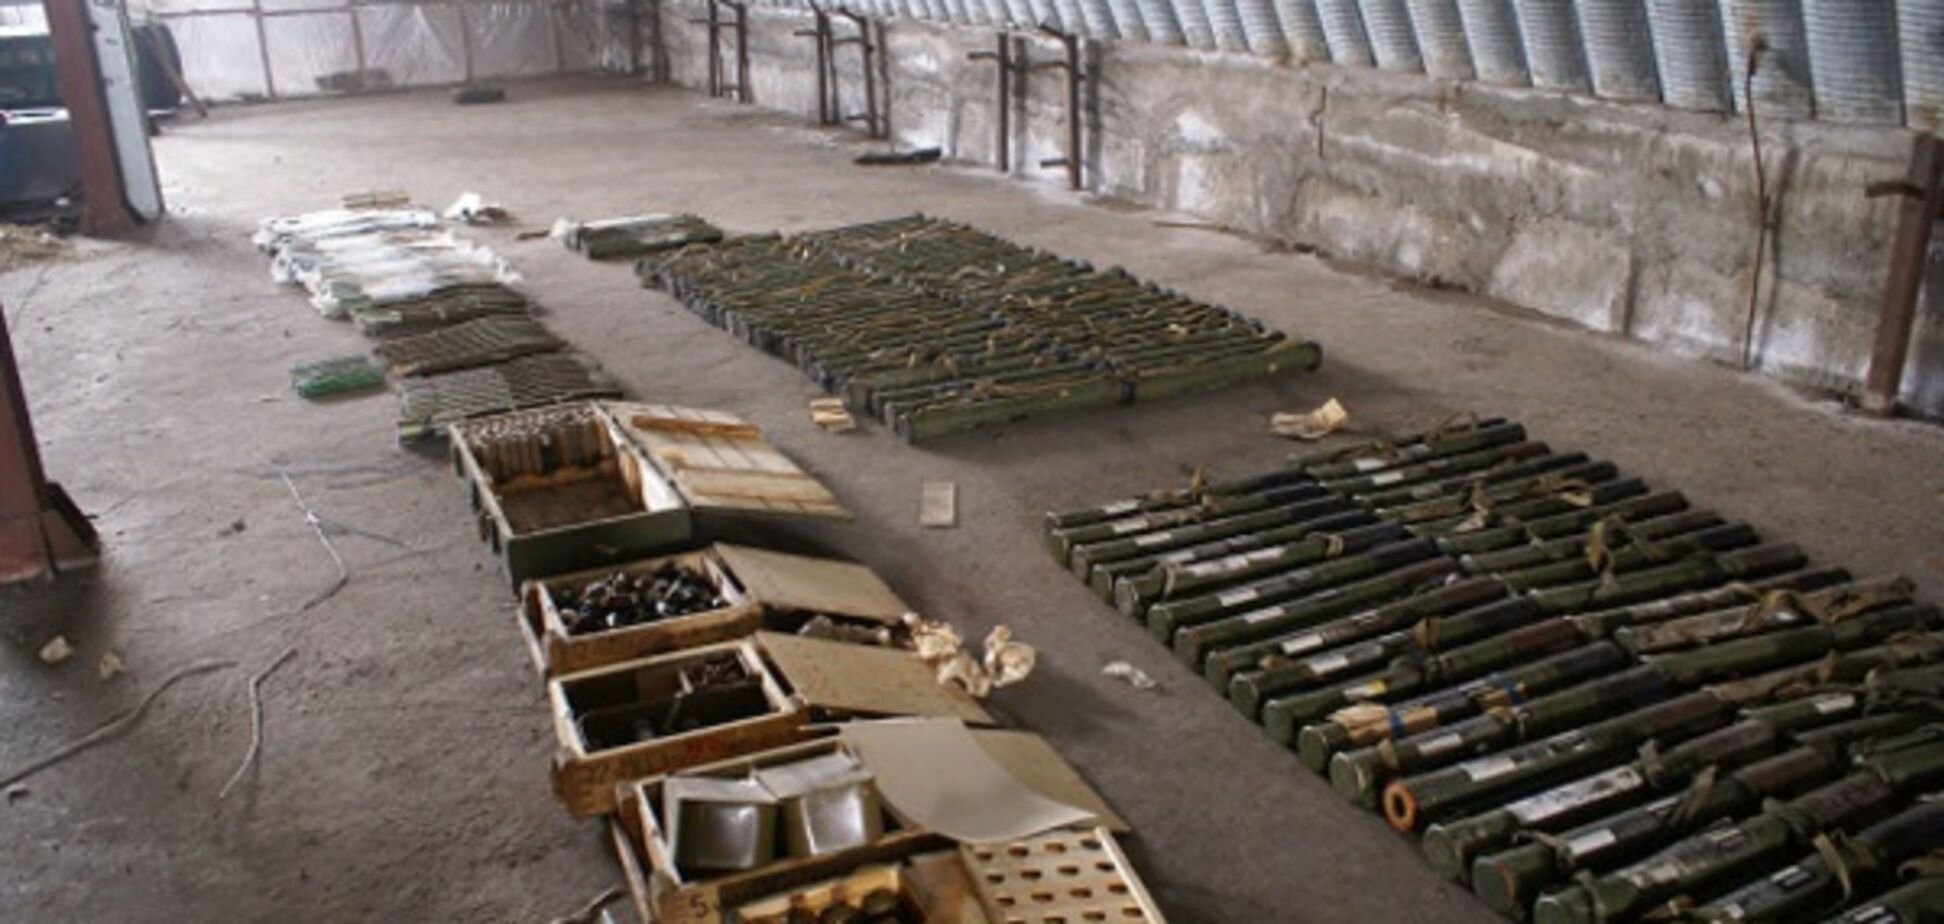 Под Запорожьем обнаружили огромный незаконный арсенал (ФОТО, ВИДЕО)